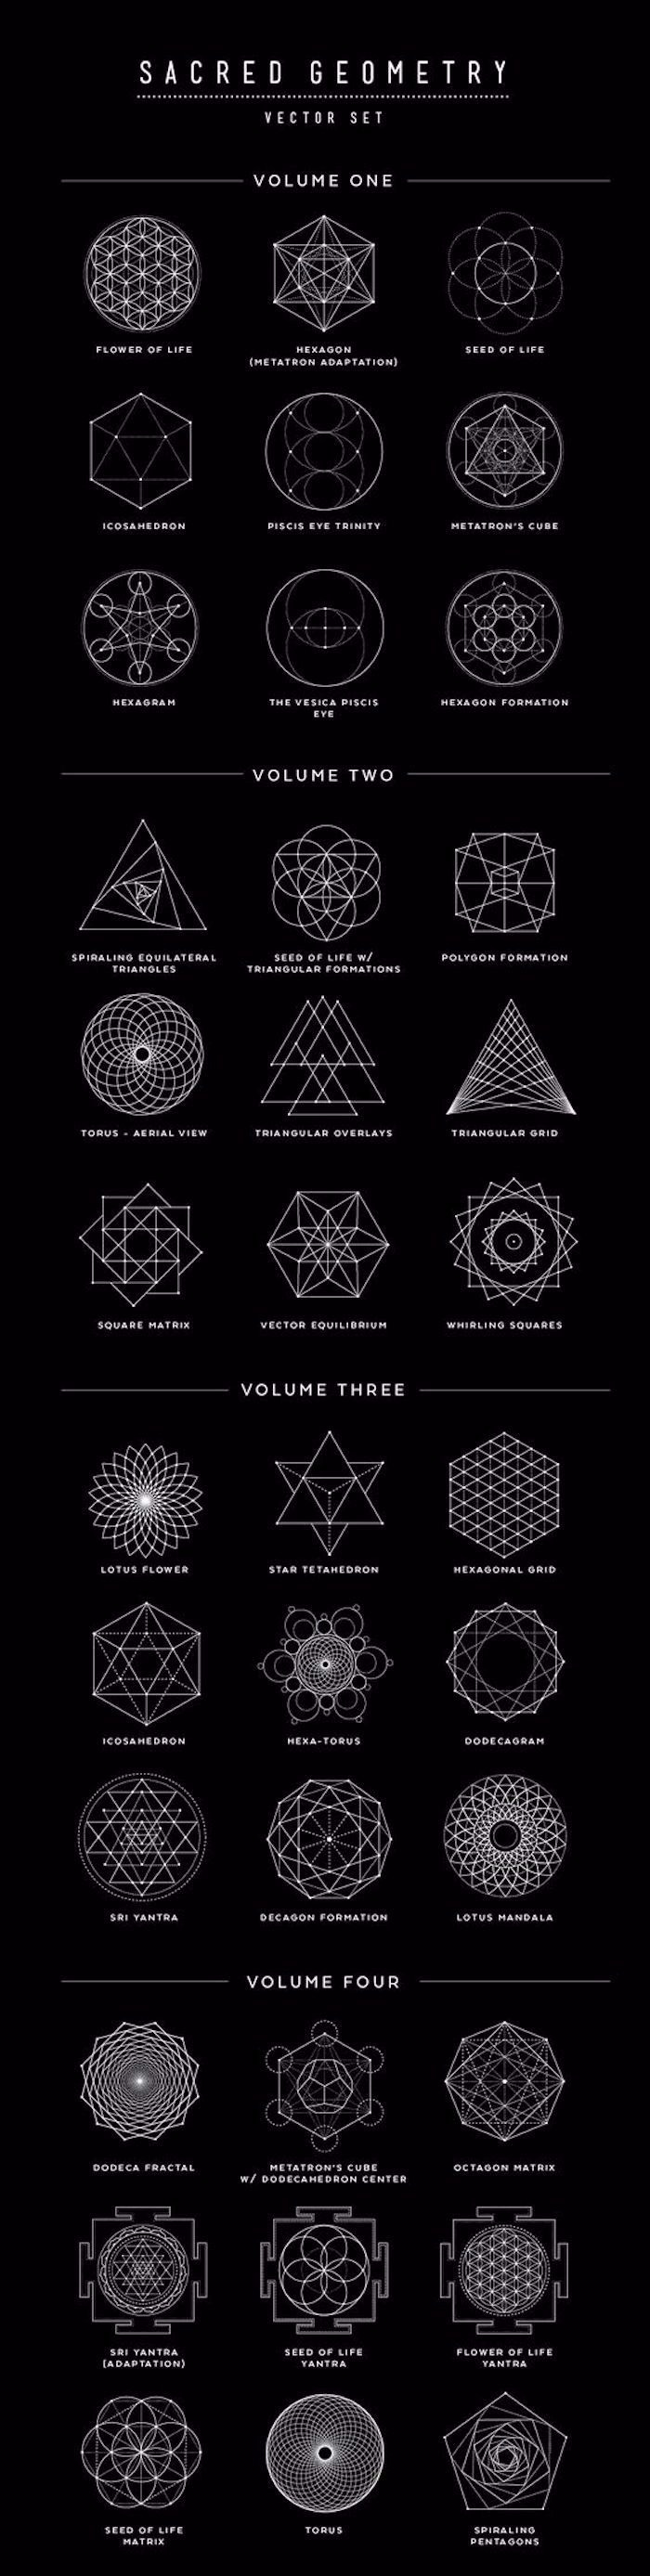 la simbología de los tatuajes geométricos, qué significa cada figura geométrica, diseños de tatuajes con fuerte significado